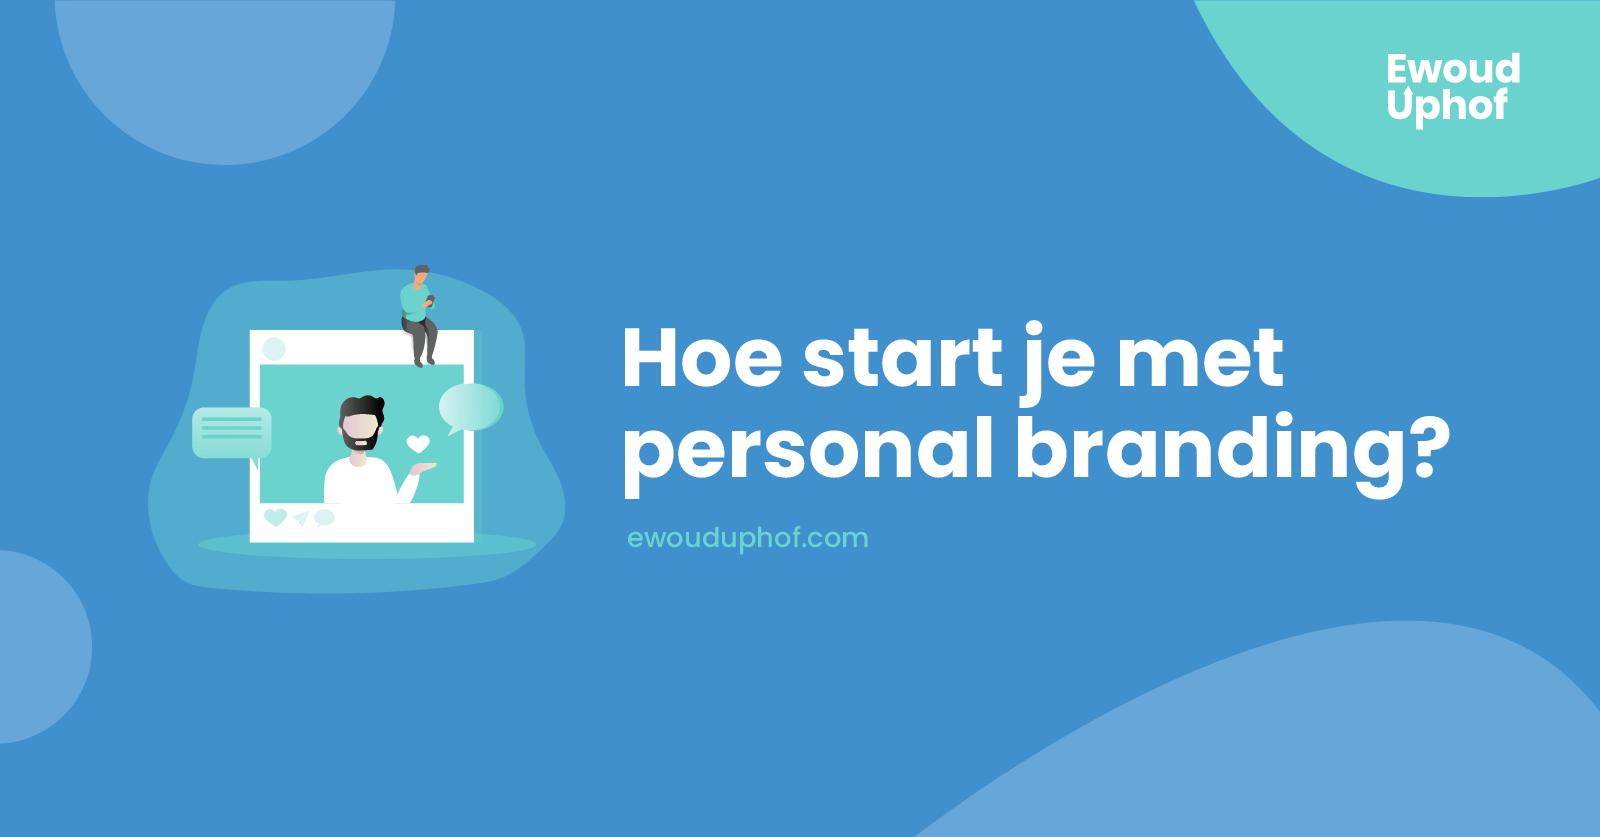 Hoe start je met personal branding?